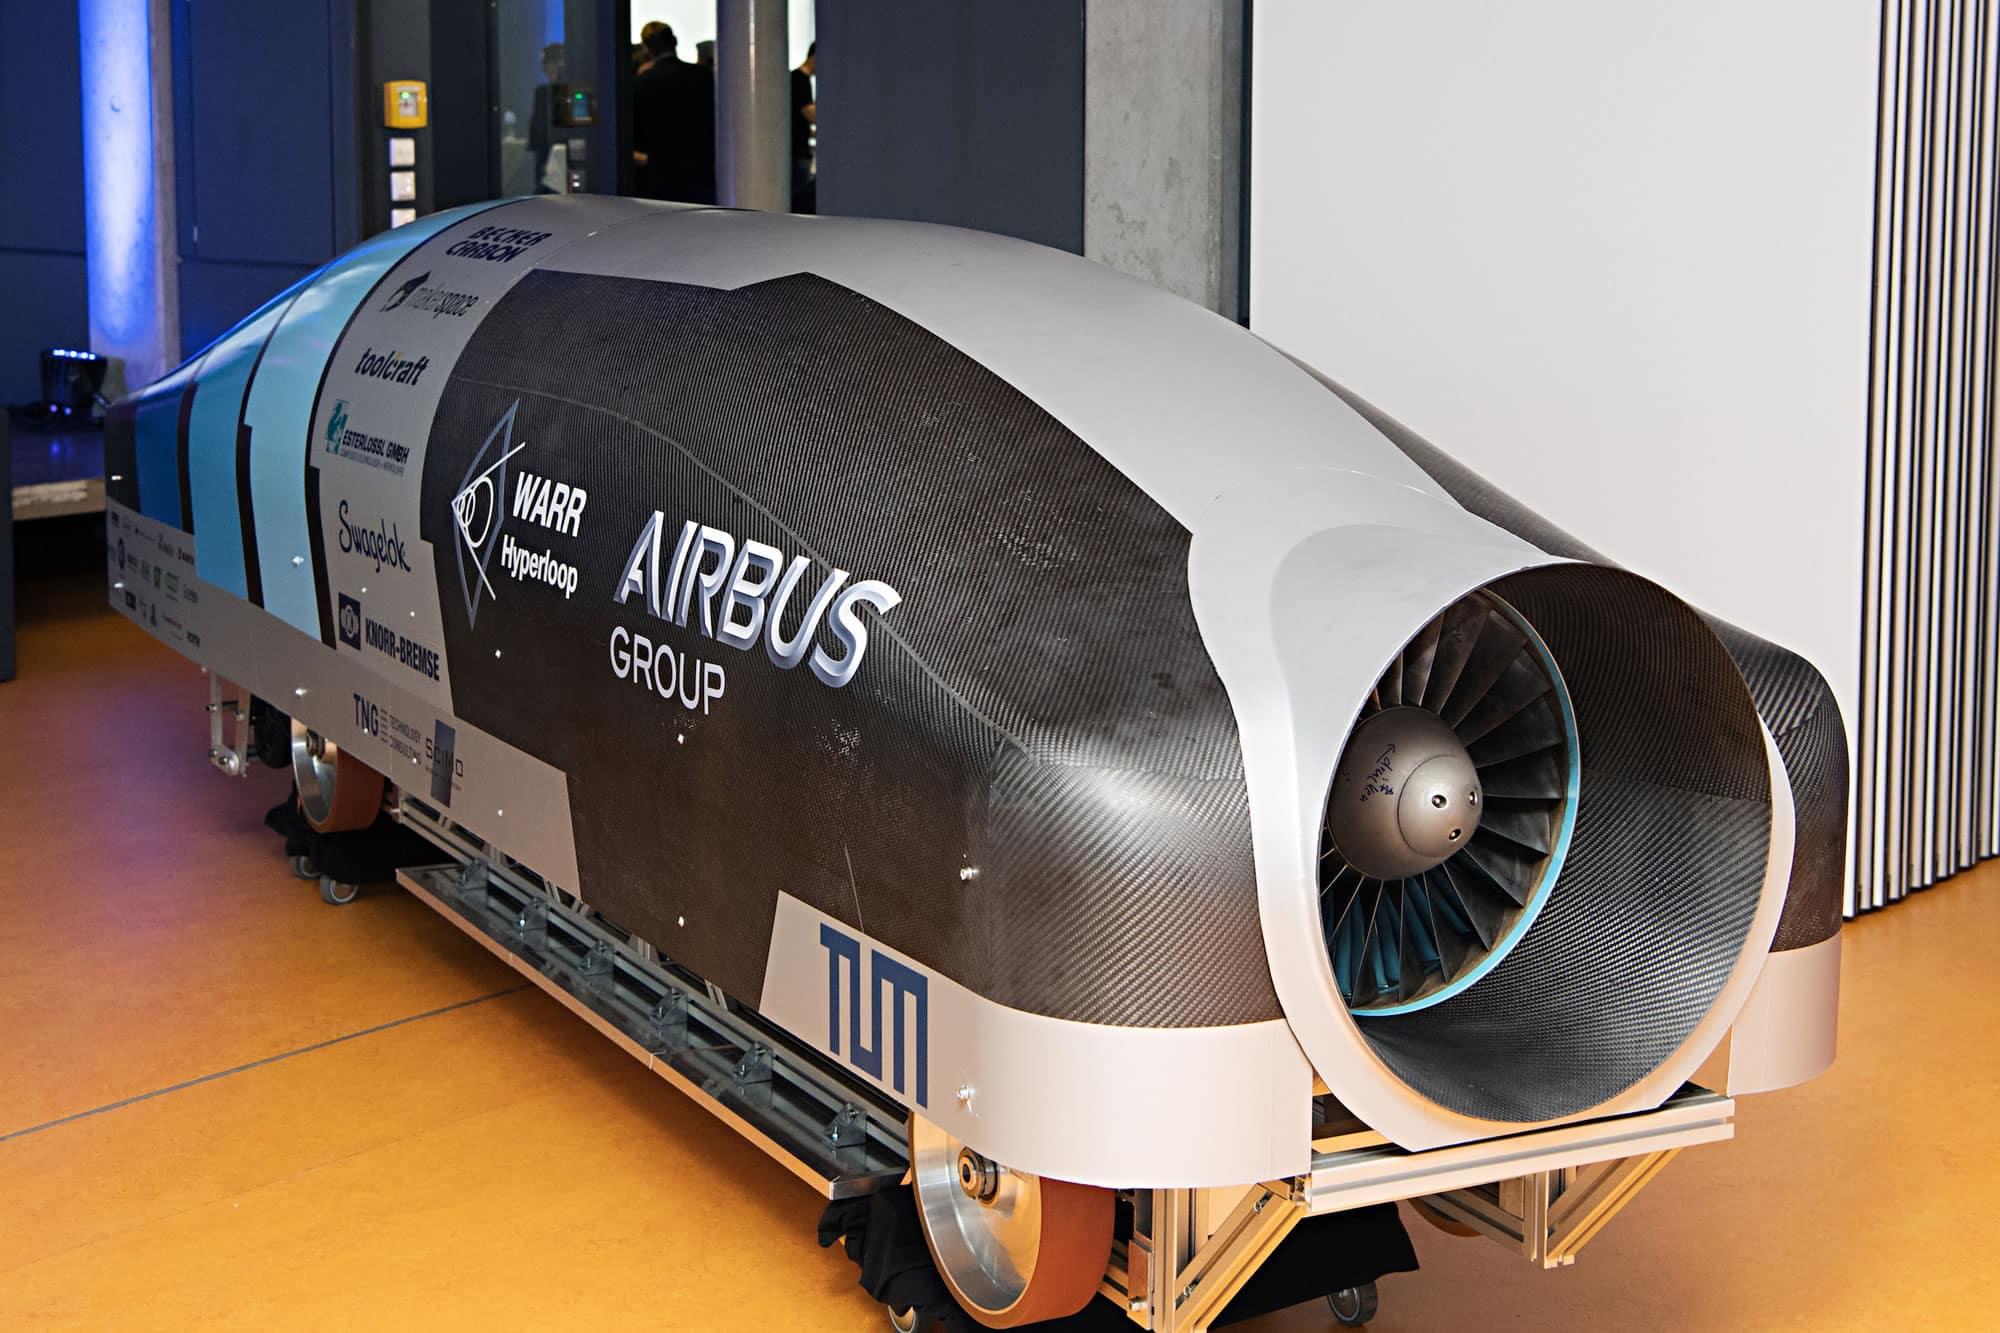 Así luce la cápsula Hyperloop del equipo WARR.